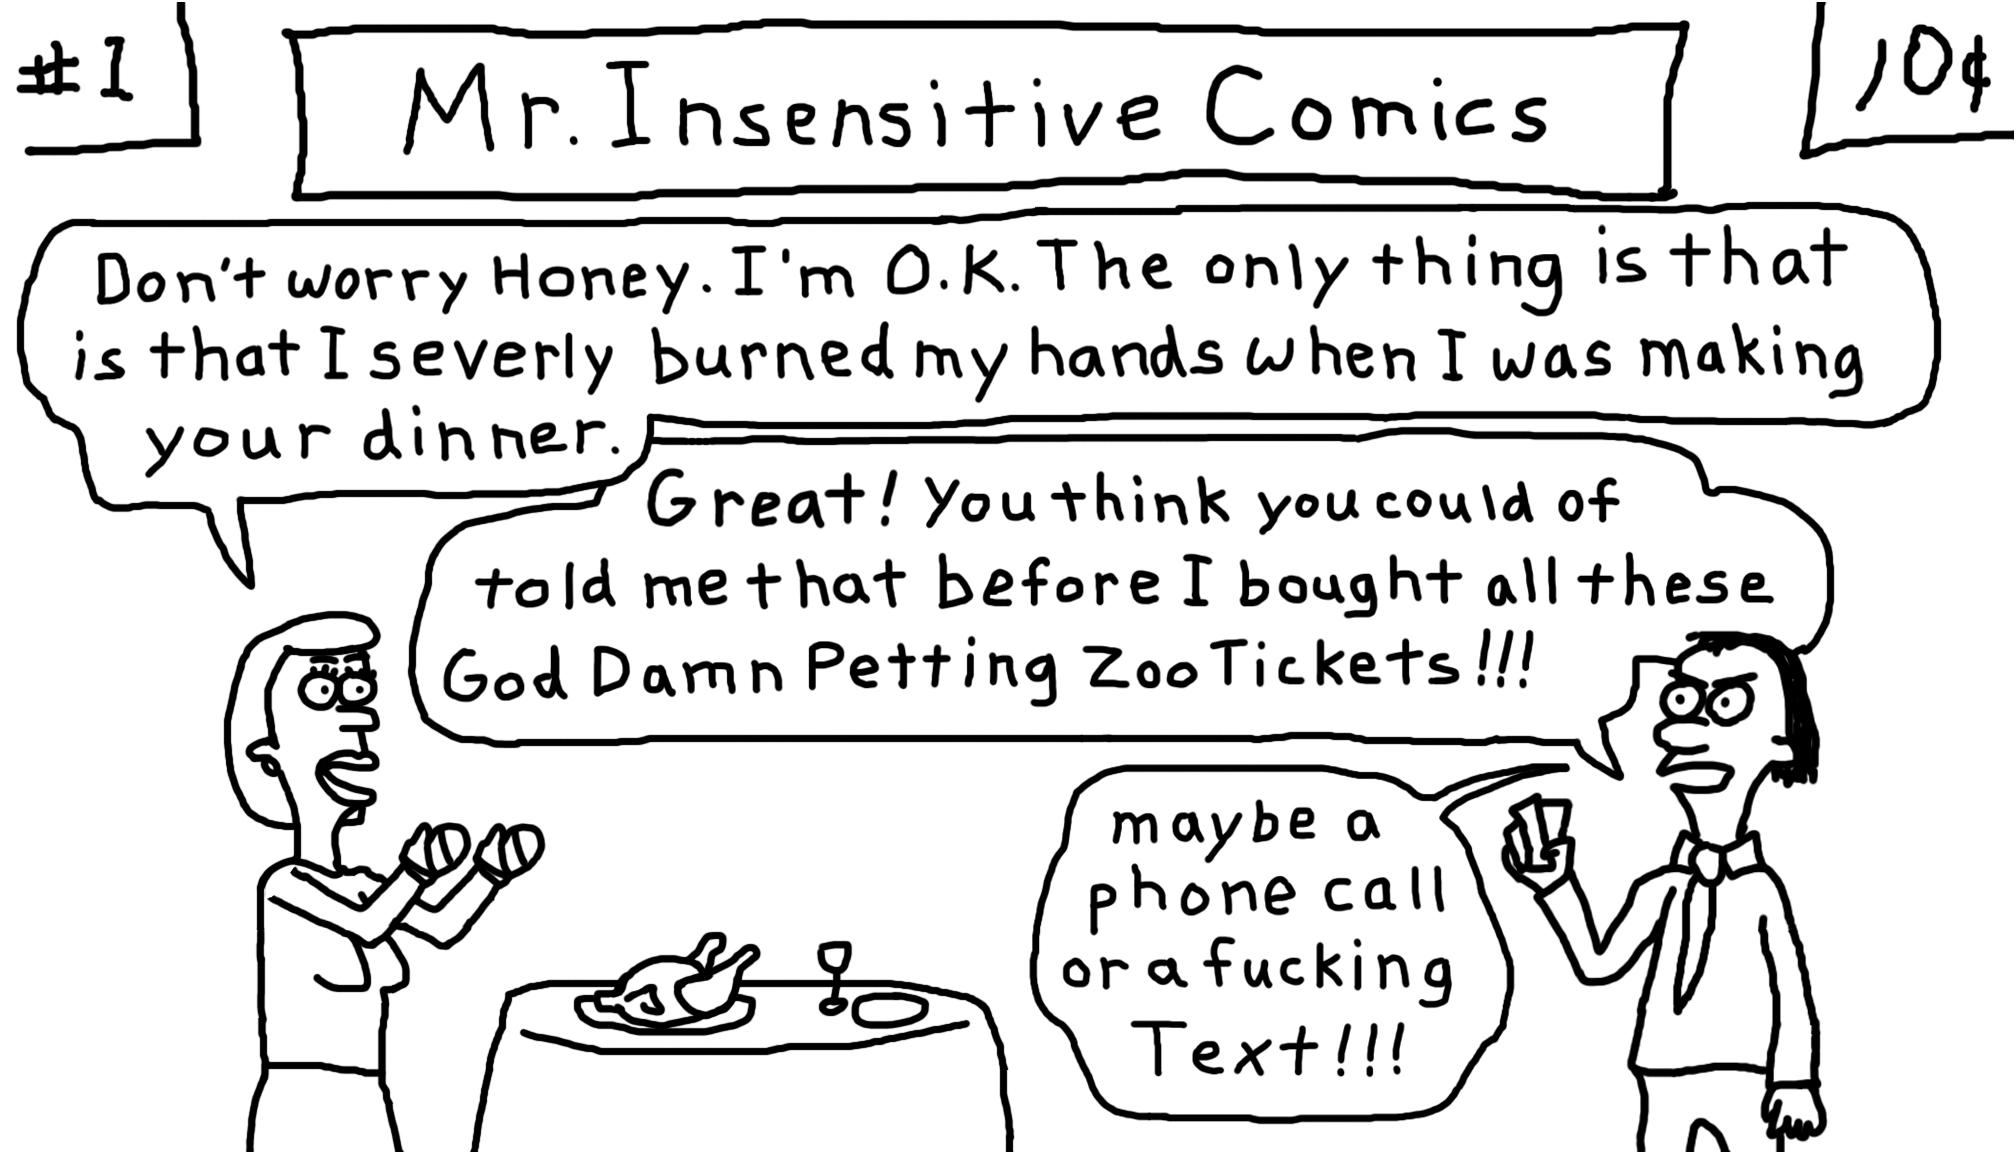 Mr. Insensitive